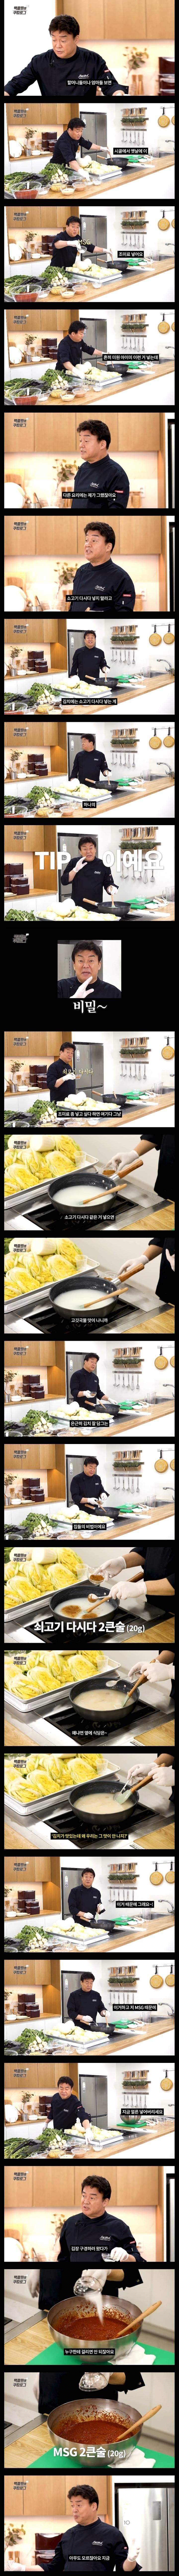 맛있는 김치의 숨겨진 비법(feat.백종원) | 인스티즈